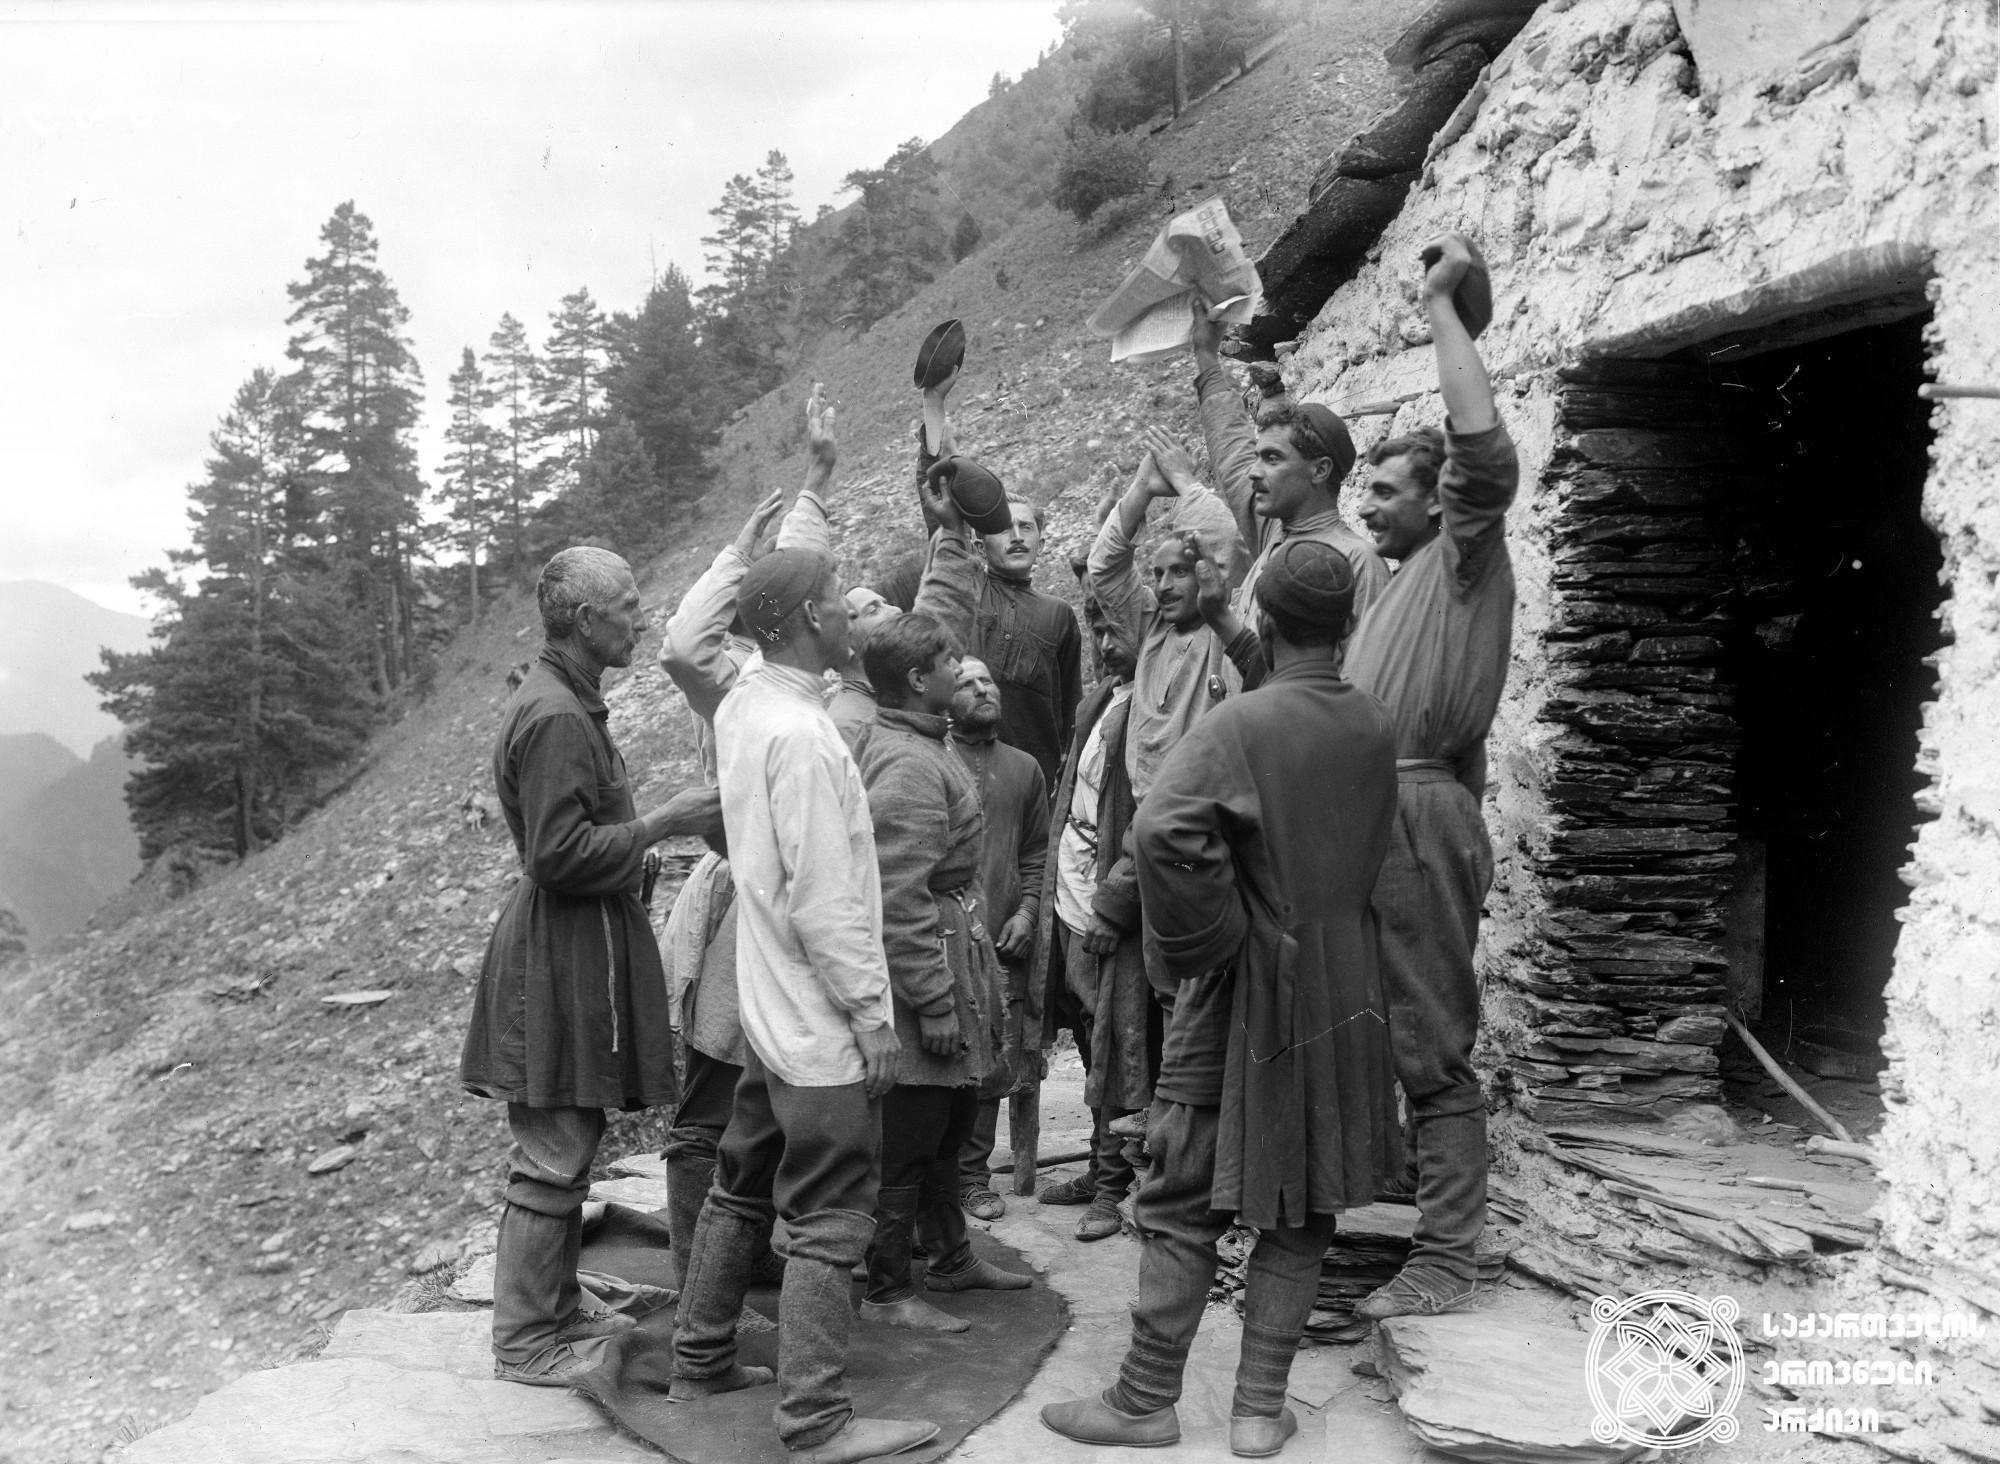 ღრუბელთა თავშესაფარი (ცხოვრებასთან შეხვედრა). 1928. <br> რეჟისორი: ზაქარია (ზაქრო) ბერიშვილი. <br> სცენარის ავტორი: სამსონ  სულაკაური. ოპერატორი: ანტონ პოლიკევიჩი.  მხატვარი: ვალერიან სიდამონ-ერისთავი. <br> Ghrubelta Tavshesapari/Shleter of Clouds (Meeting with Life). 1928.<br> Director: Zakaria (Zakro) Berishvili. <br> Screenwriter: Samson Sulakauri. Camera operator: Anton Polikevich.  Production designer: Valeria Sidamon-eristavi. <br>